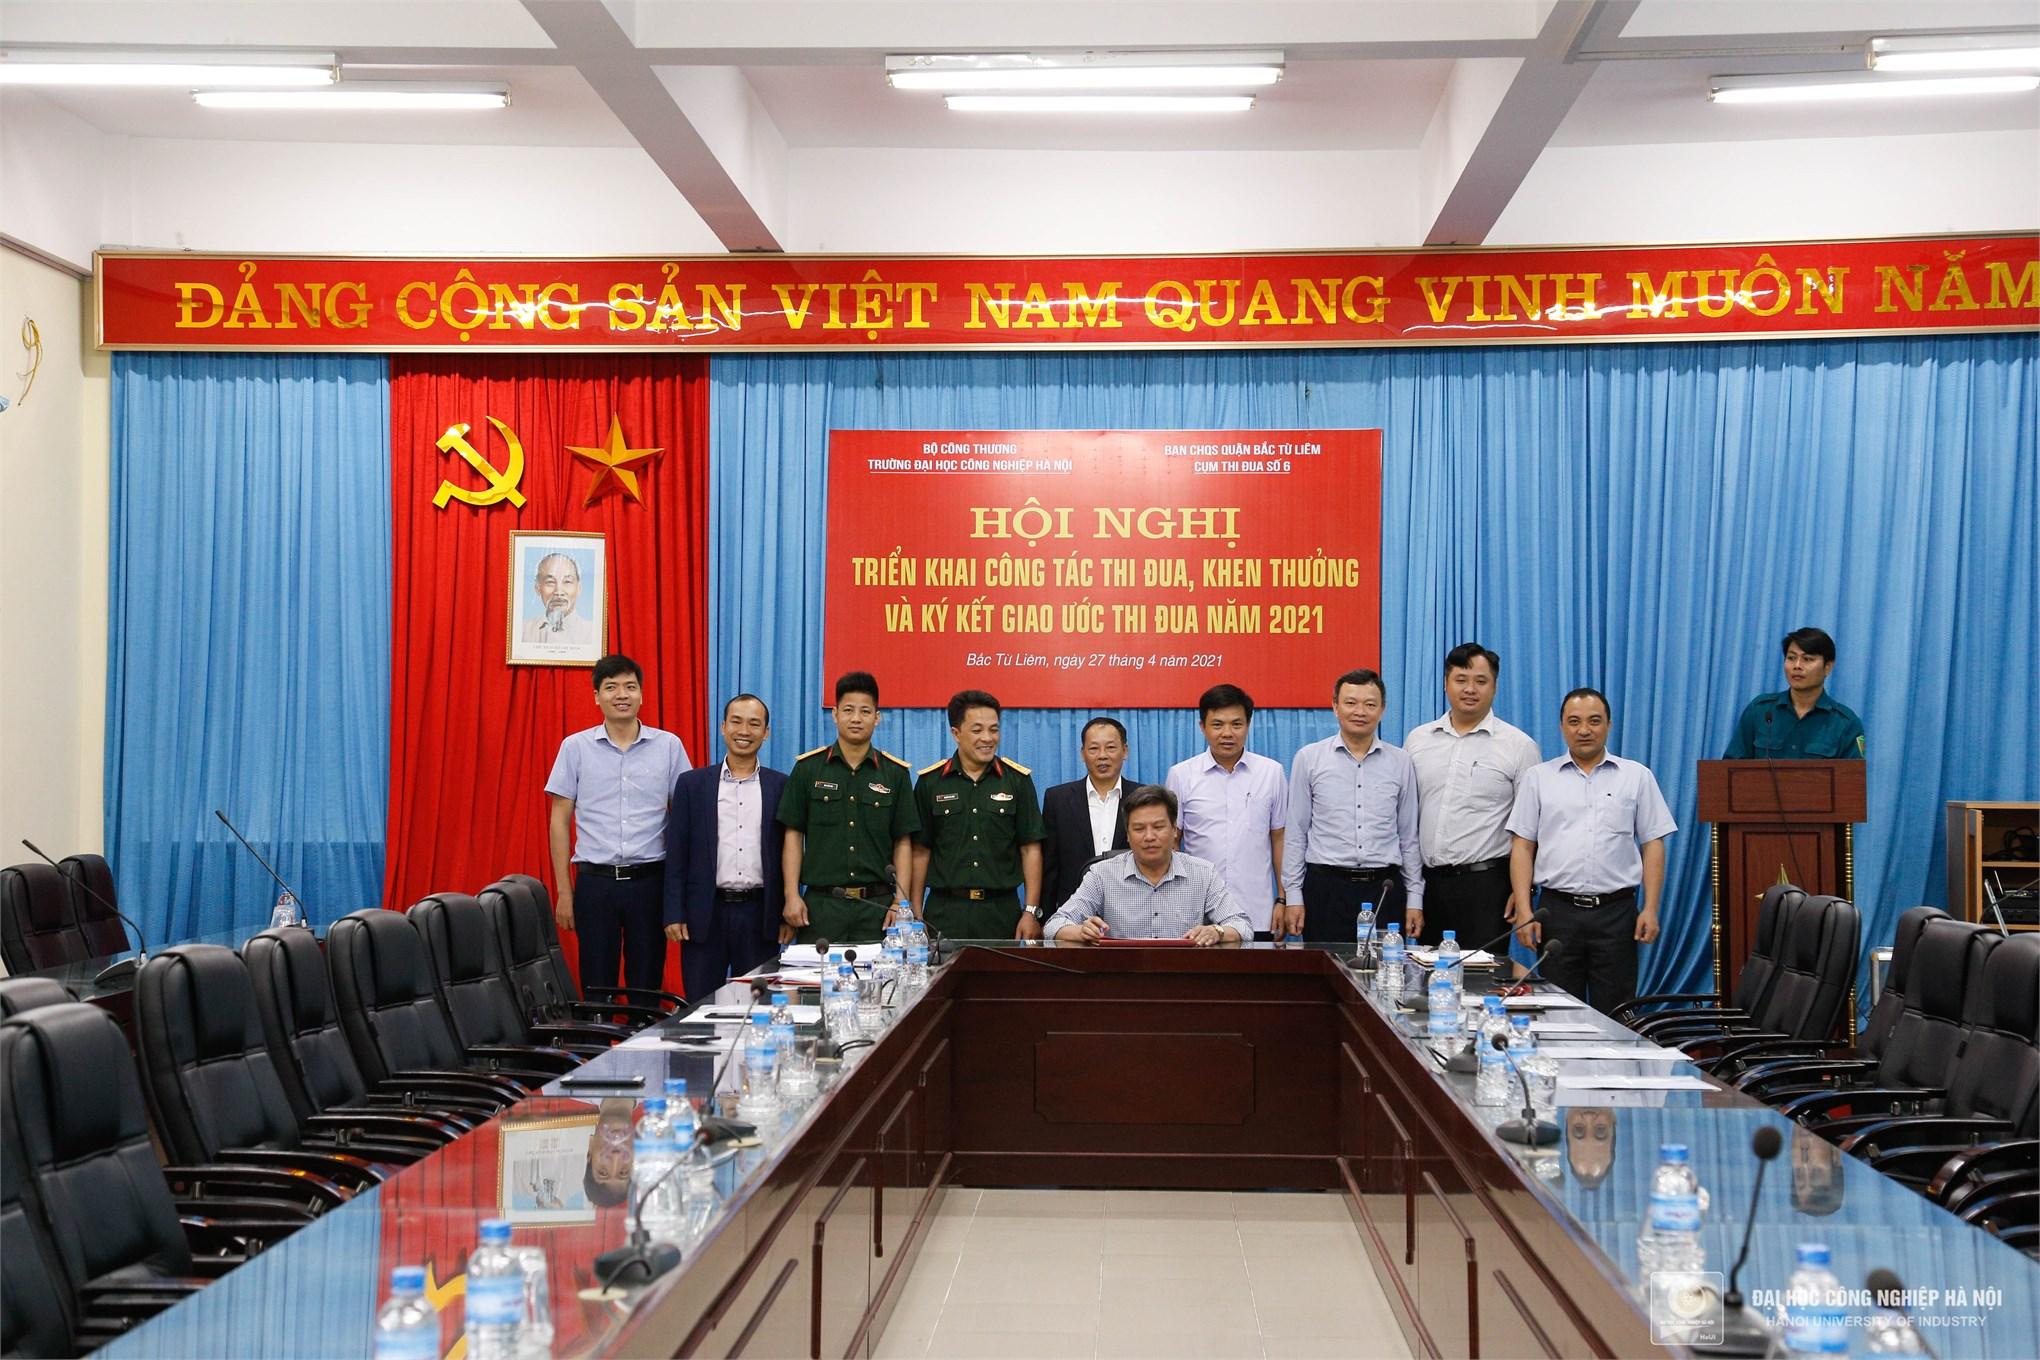 Đại học Công nghiệp Hà Nội ký kết giao ước thi đua của Cụm thi đua số 6 năm 2021